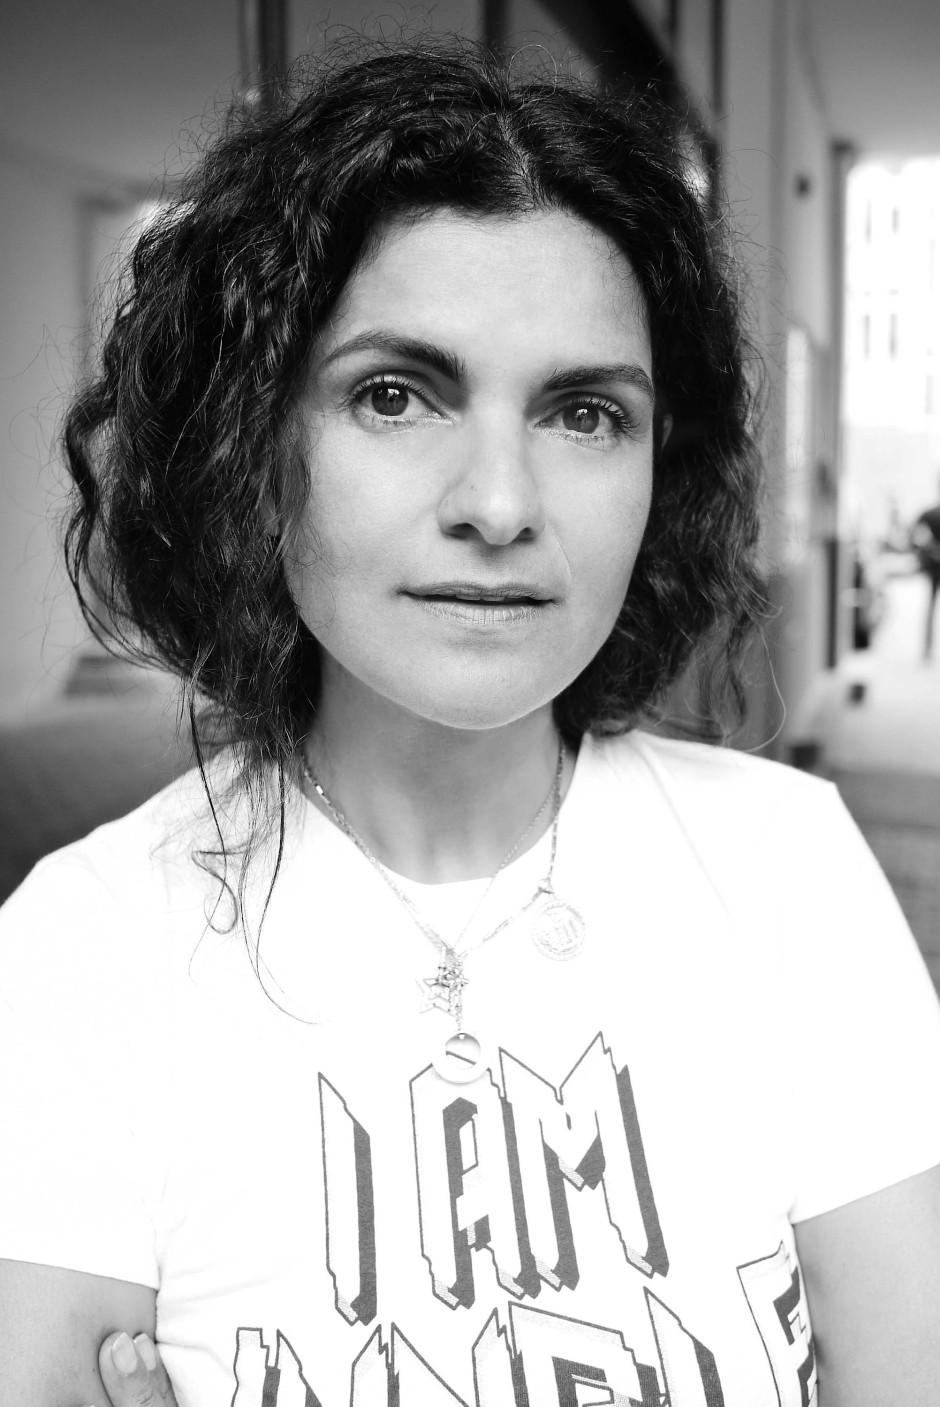 Leyla Piedayesh, Jahrgang 1970, wurde in Teheran geboren. 2004 hat sie die Modemarke Lala Berlin gegründet, die sie weiter führt.